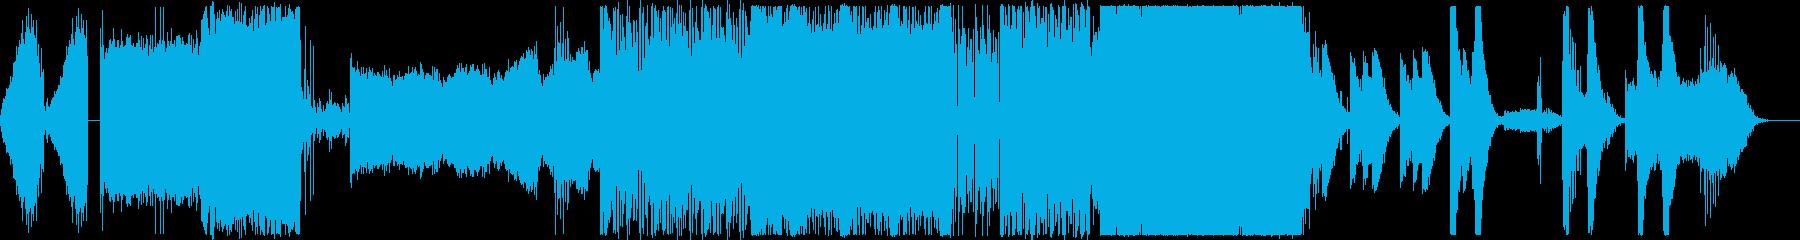 暗くインダストリアルなエレクトロの再生済みの波形